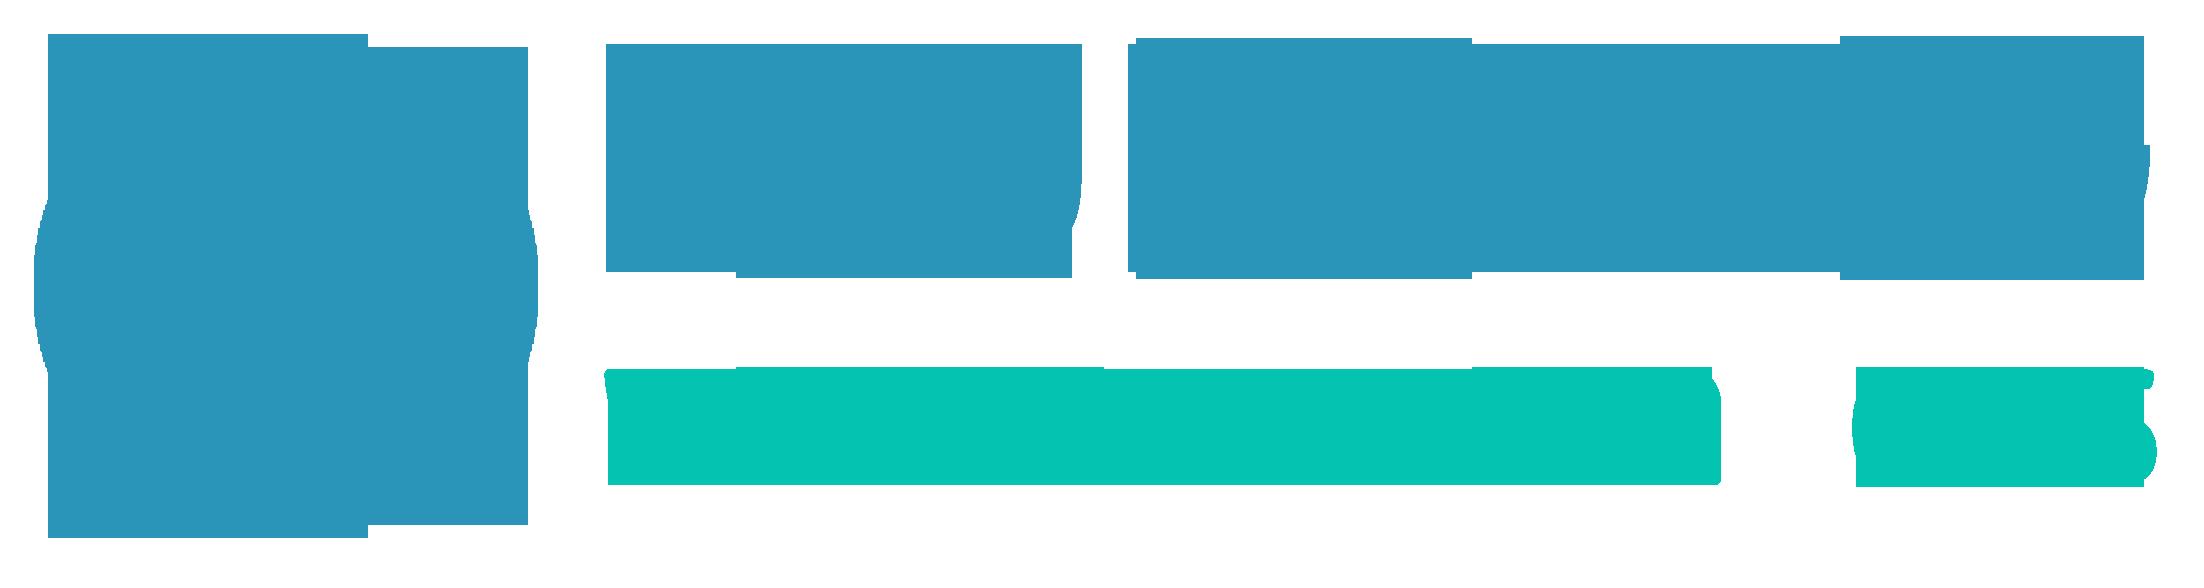 NursingWritings.com Logo